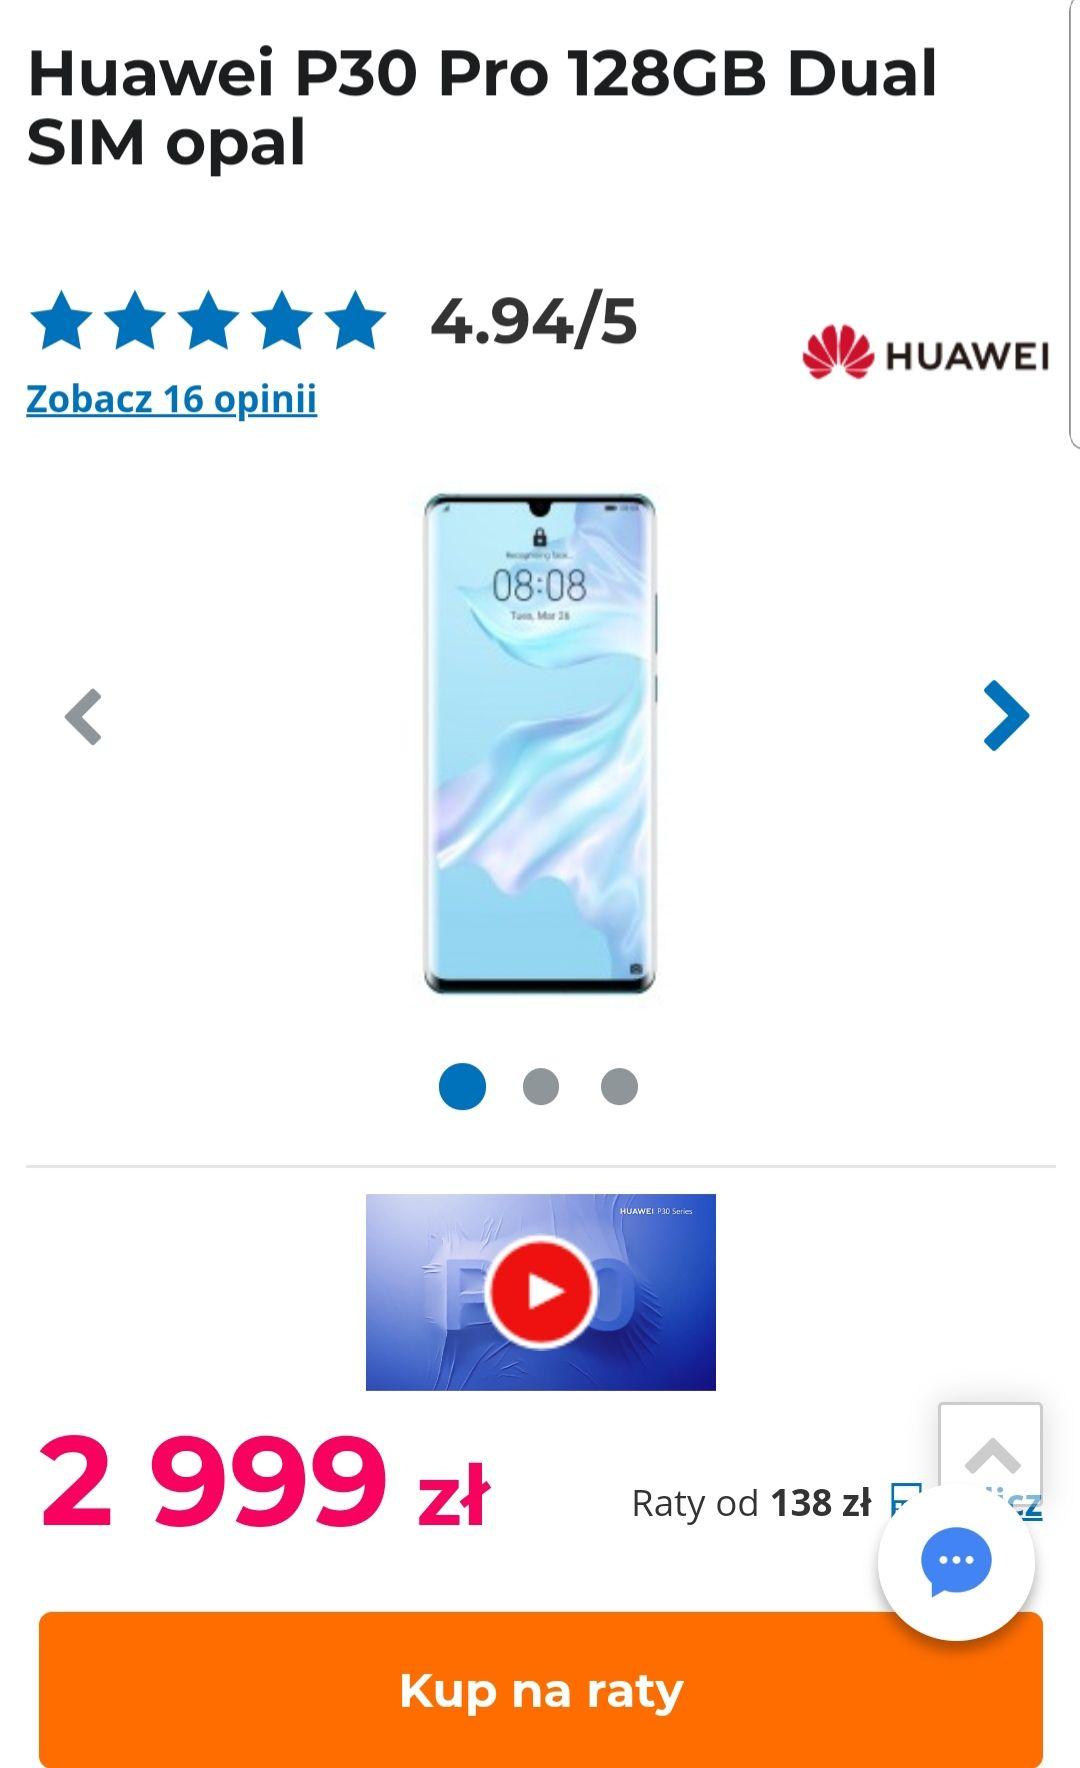 Huawei P30 Pro 128GB opal. Możliwe 2500, czytaj opis.